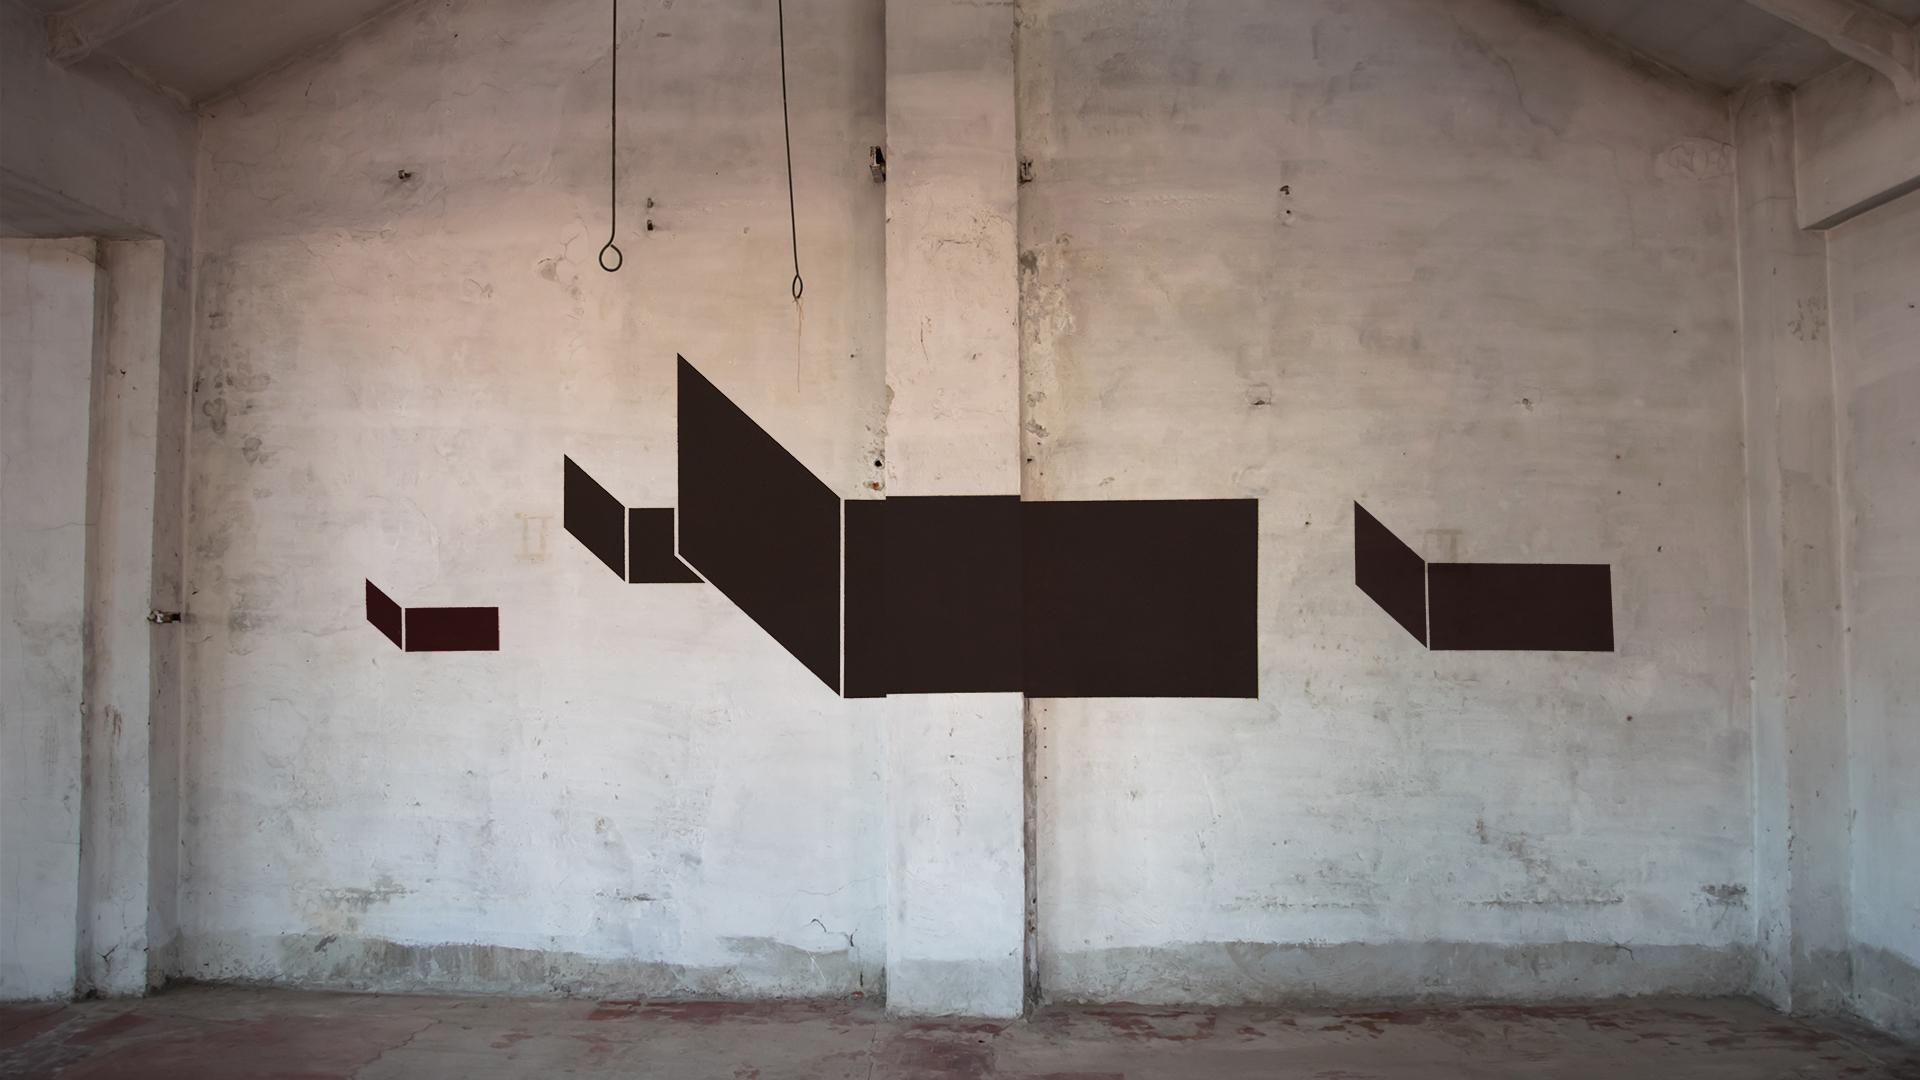 Geometric graffiti art